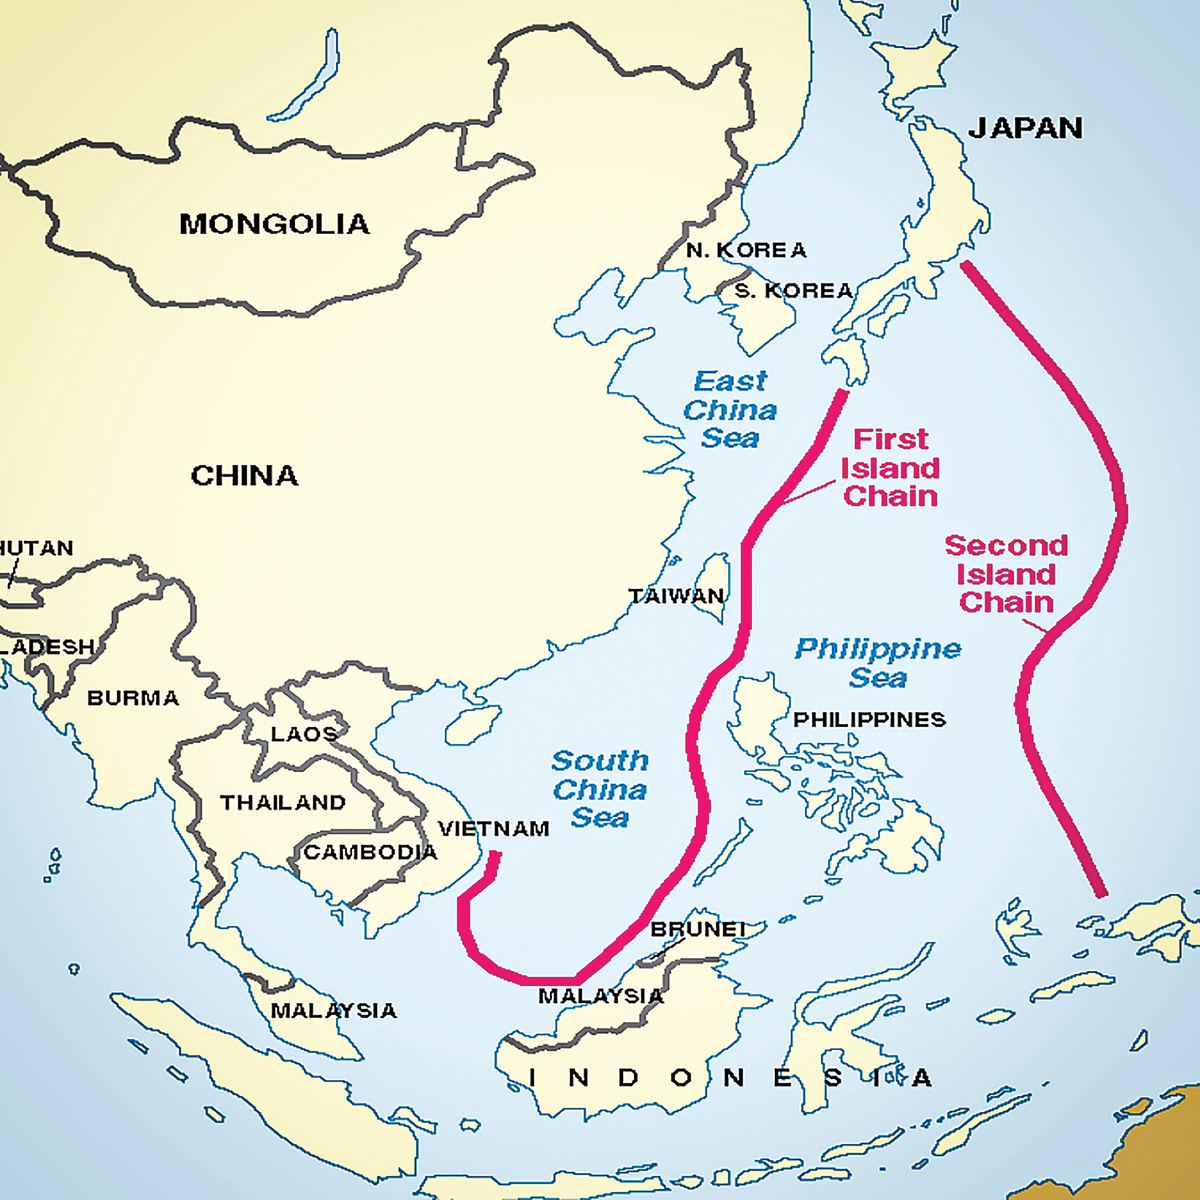 第一島鏈和第二島鏈示意圖